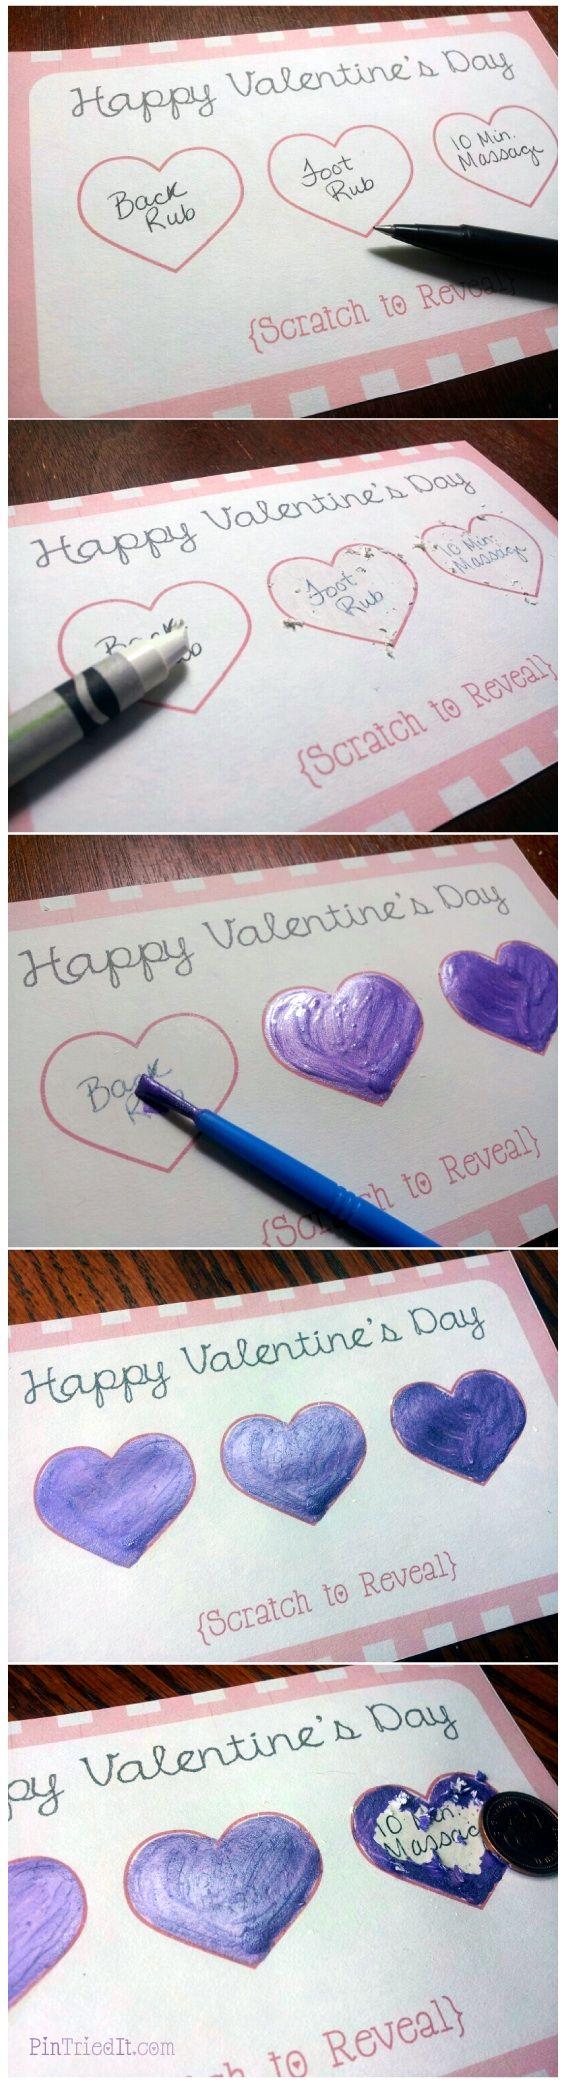 Too cute! Via pintriedit.com